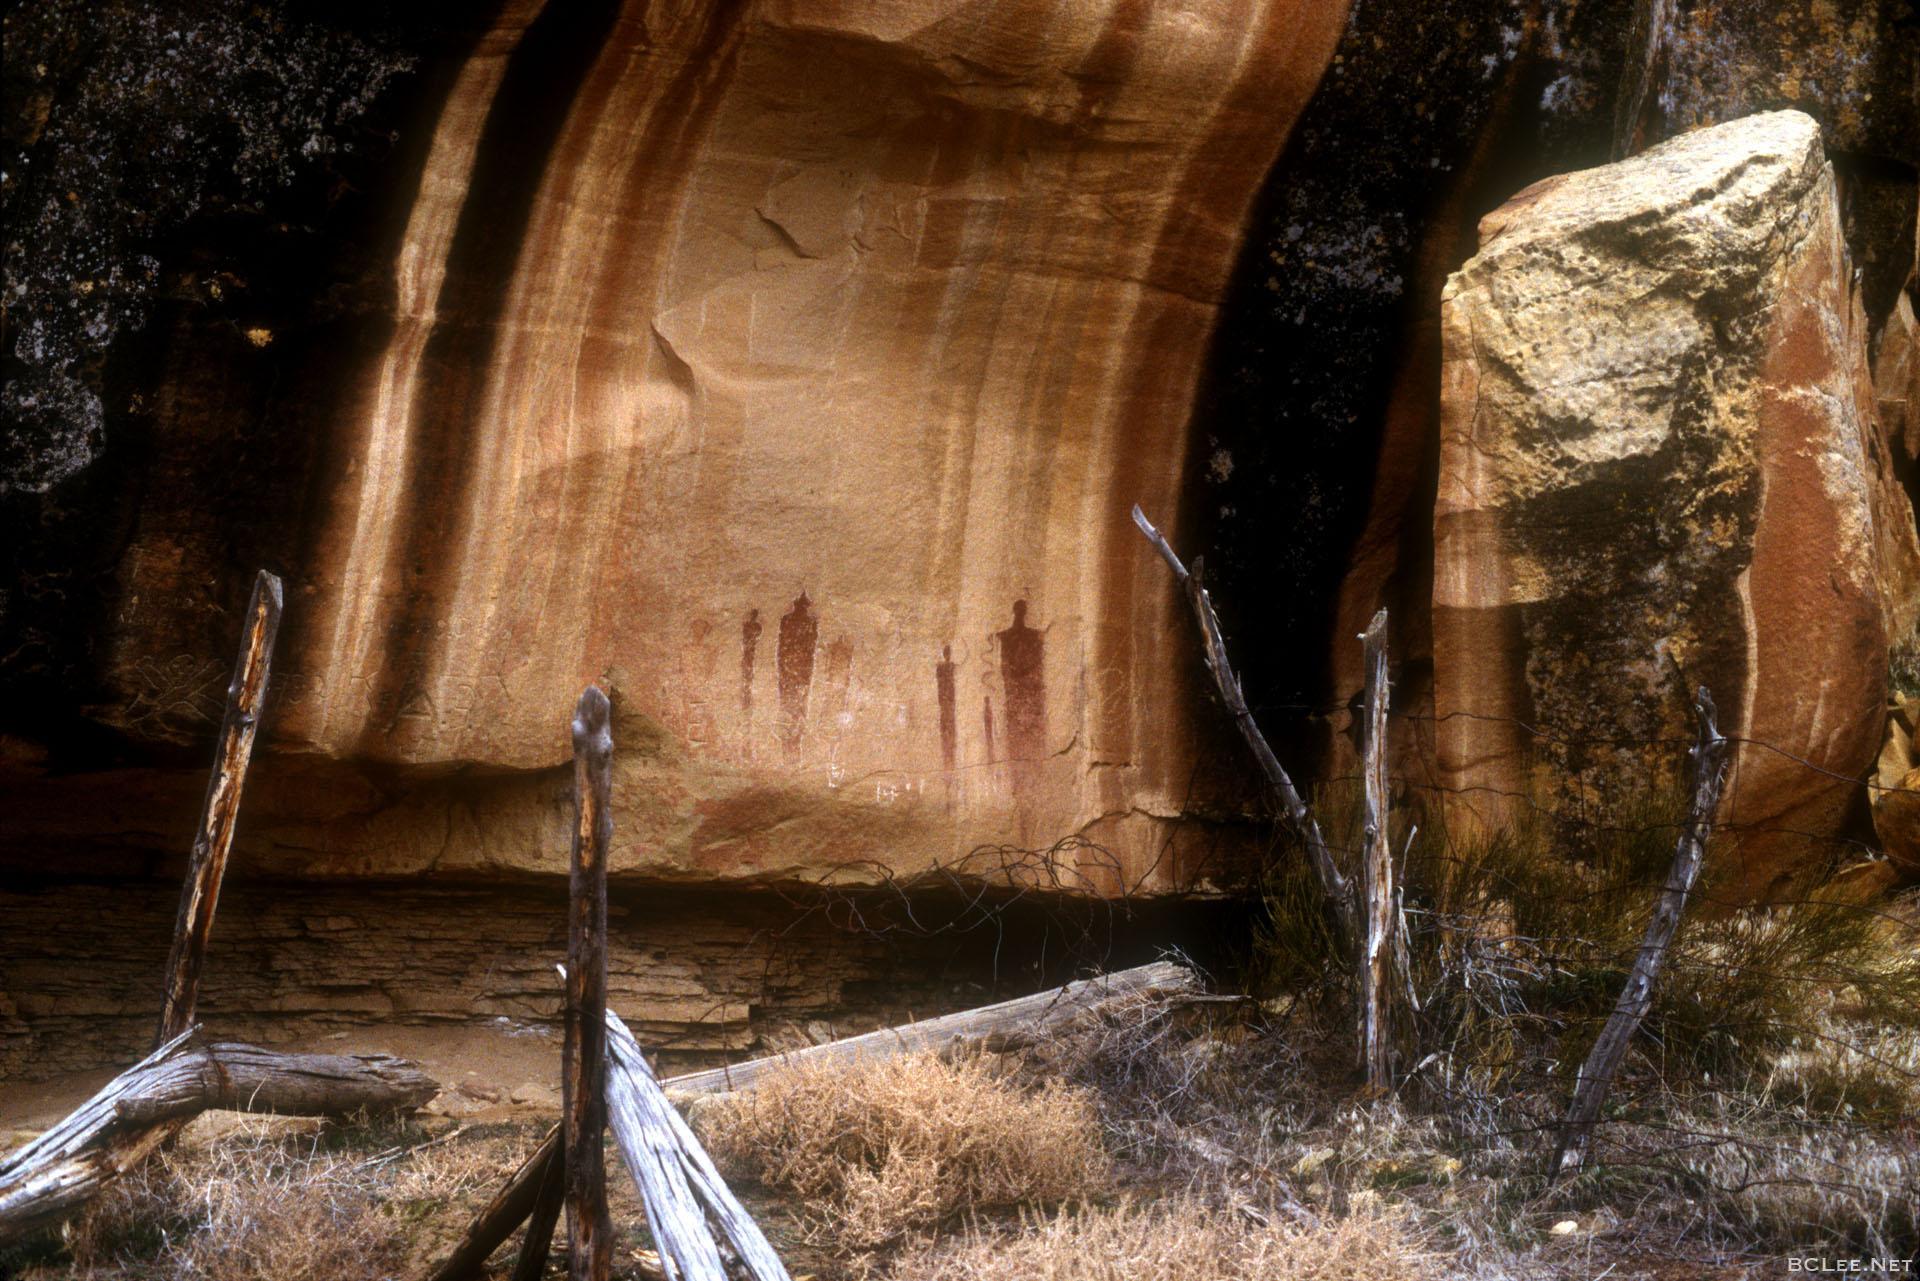 Book Cliffs Geology Book Cliffs |